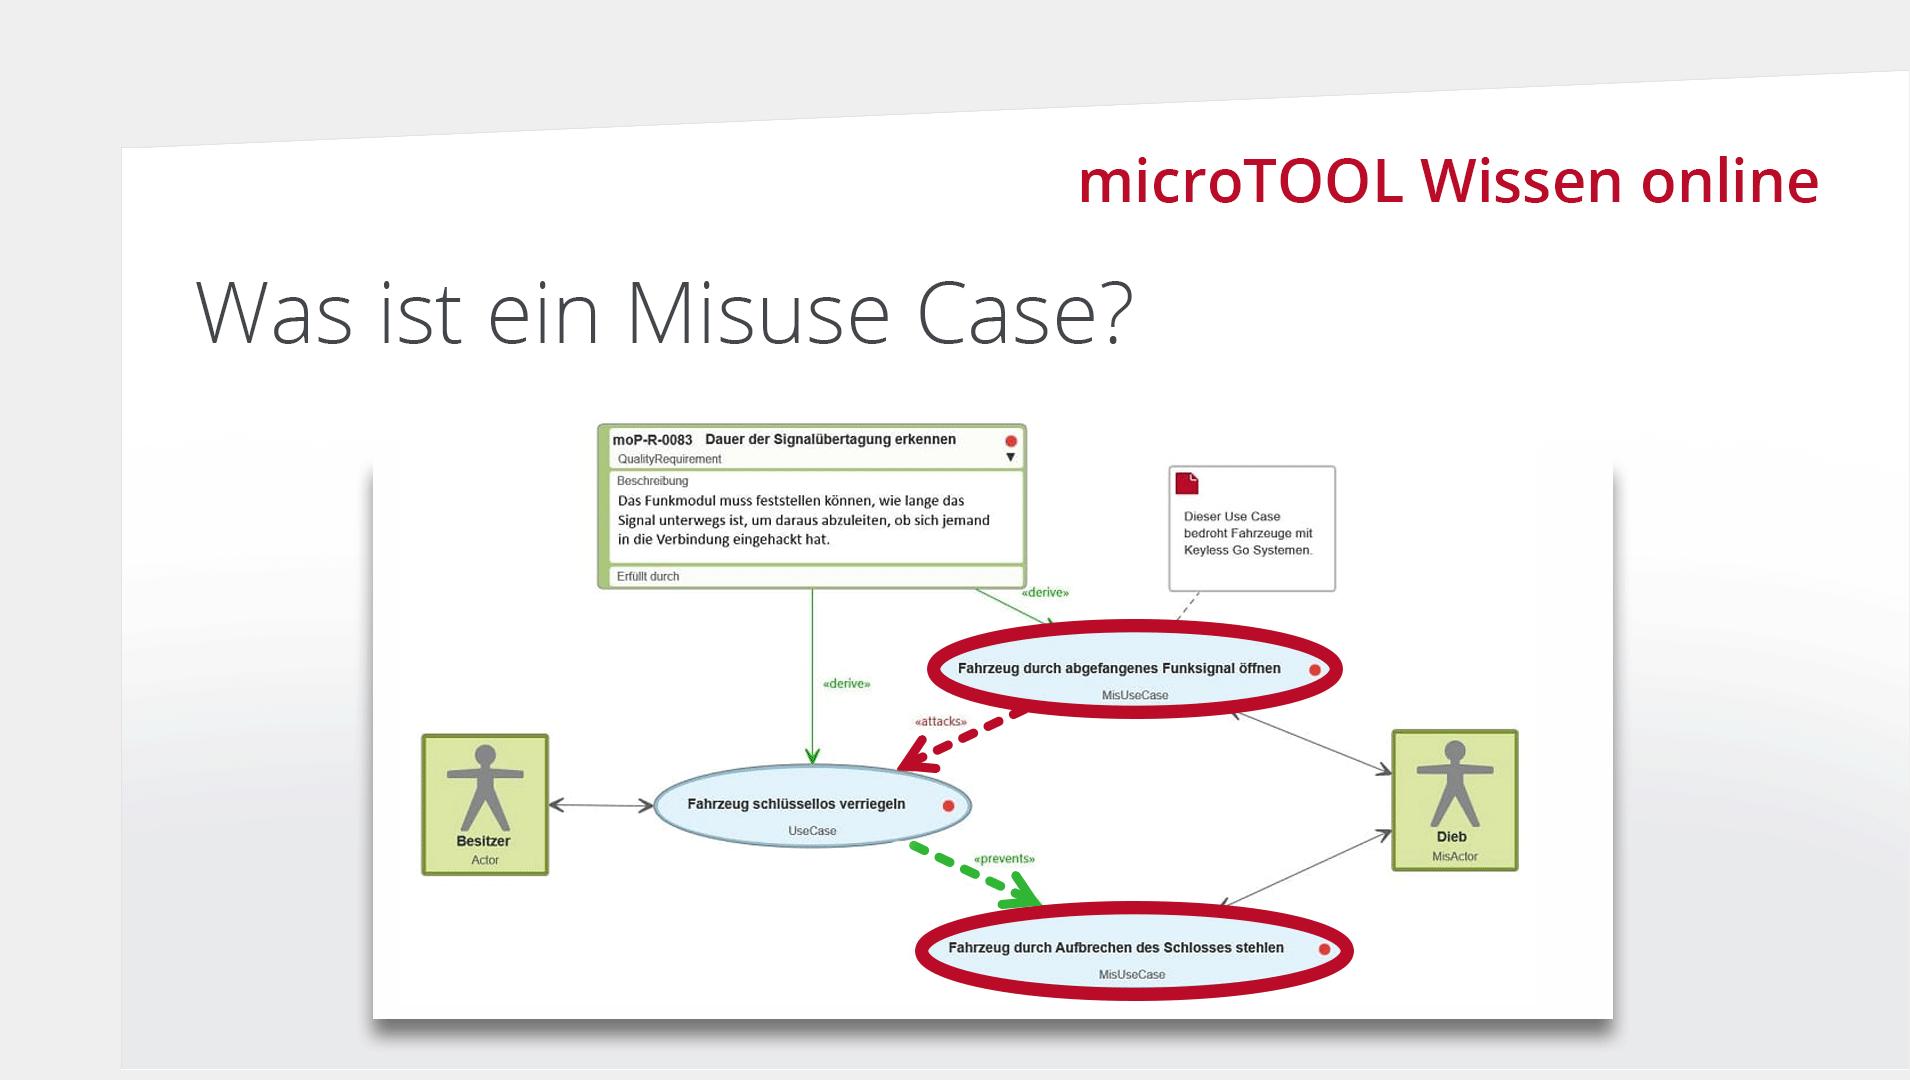 Was ist ein Misuse Case?